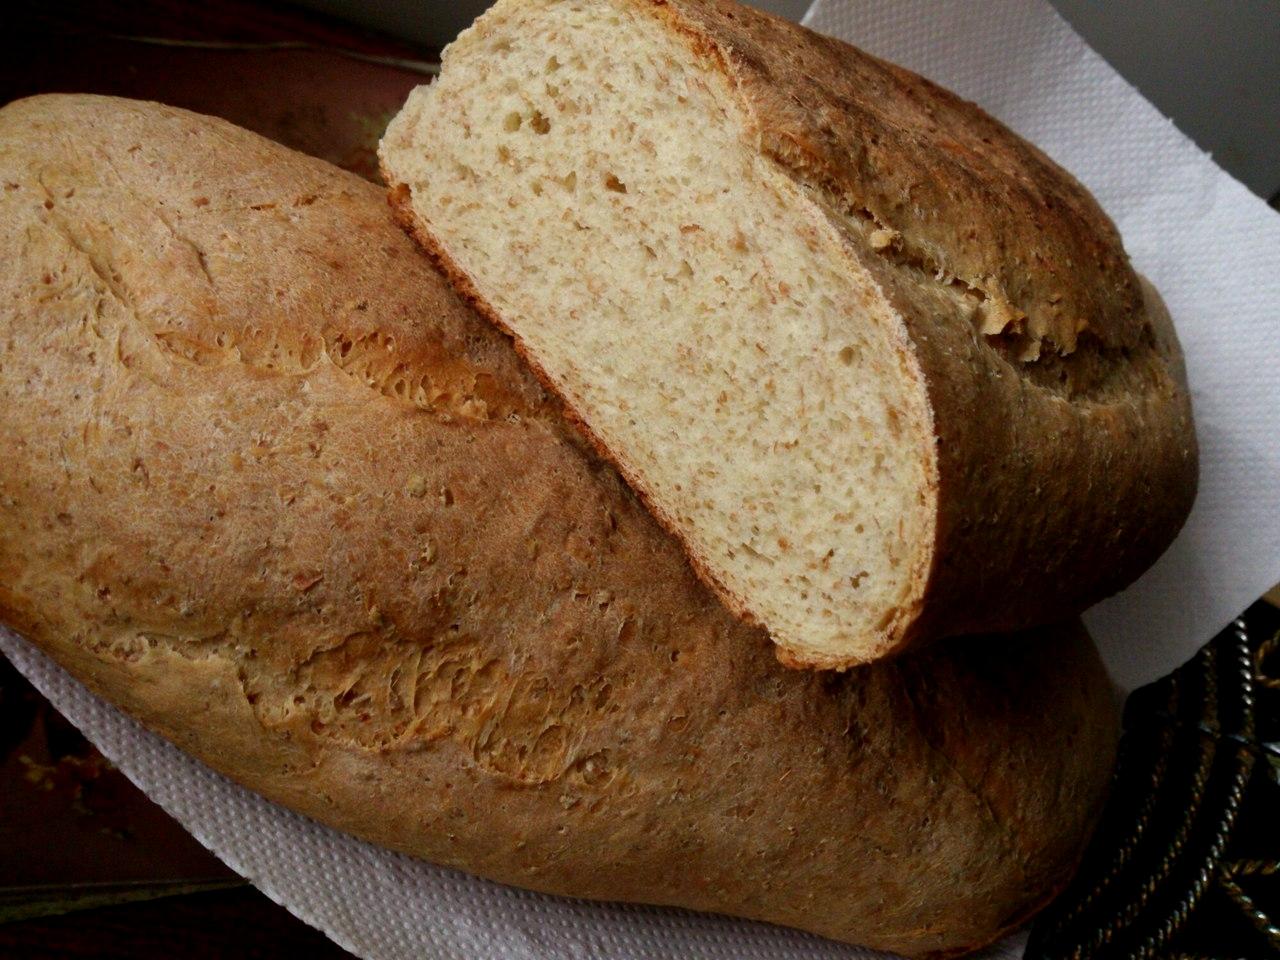 Пшеничный хлеб с отрубями - полезно и вкусно.